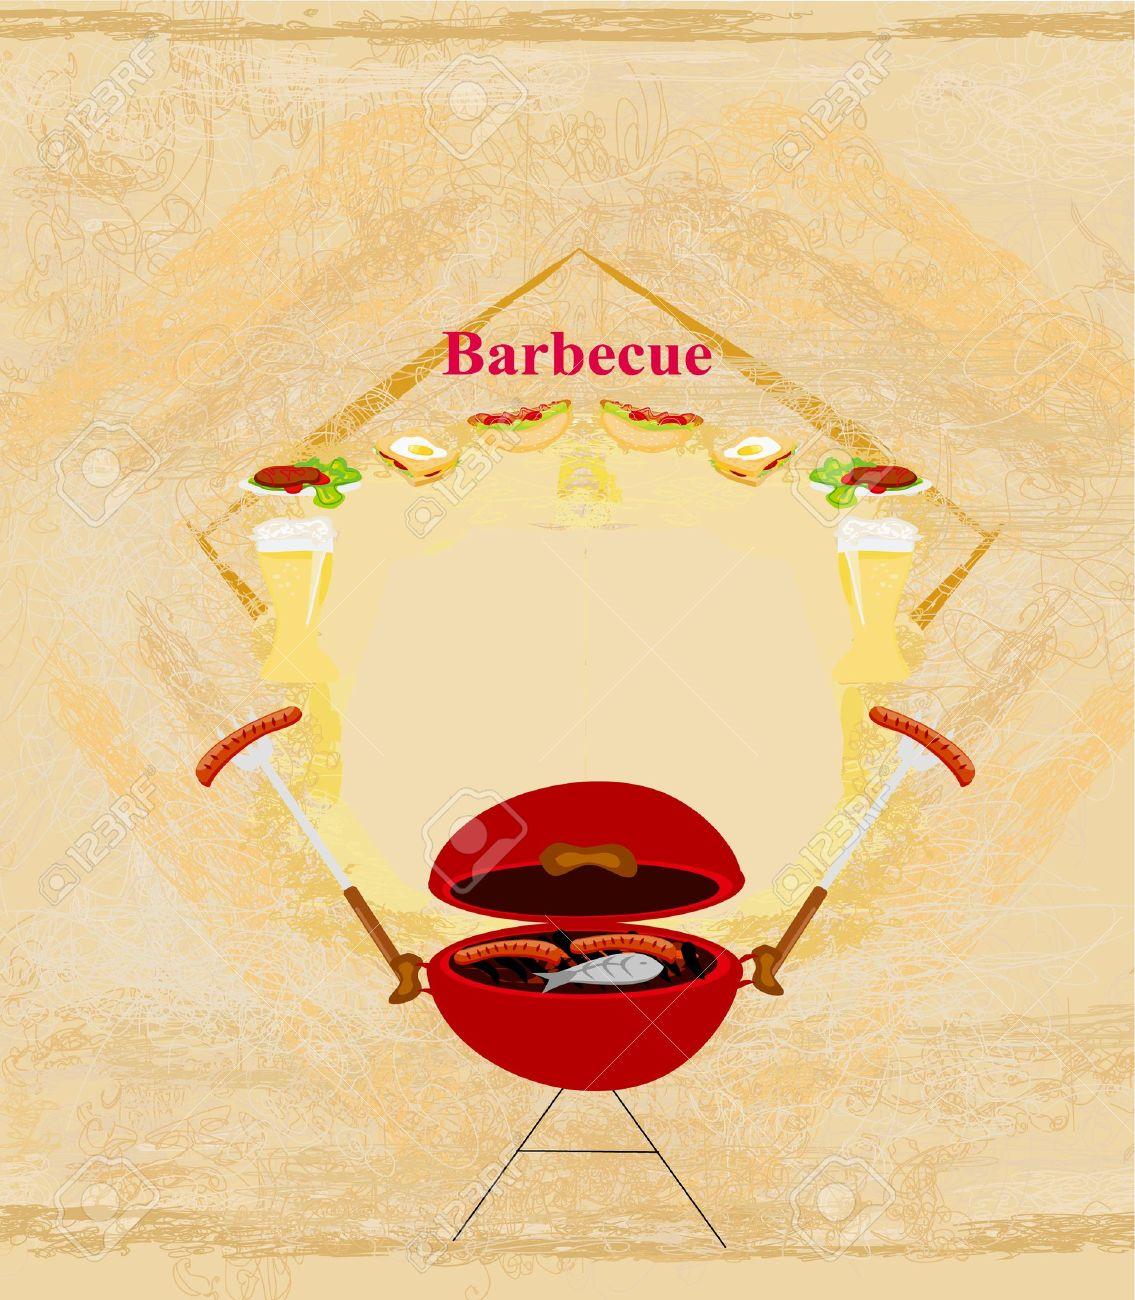 vintage barbecue party invitation royalty free cliparts vectors